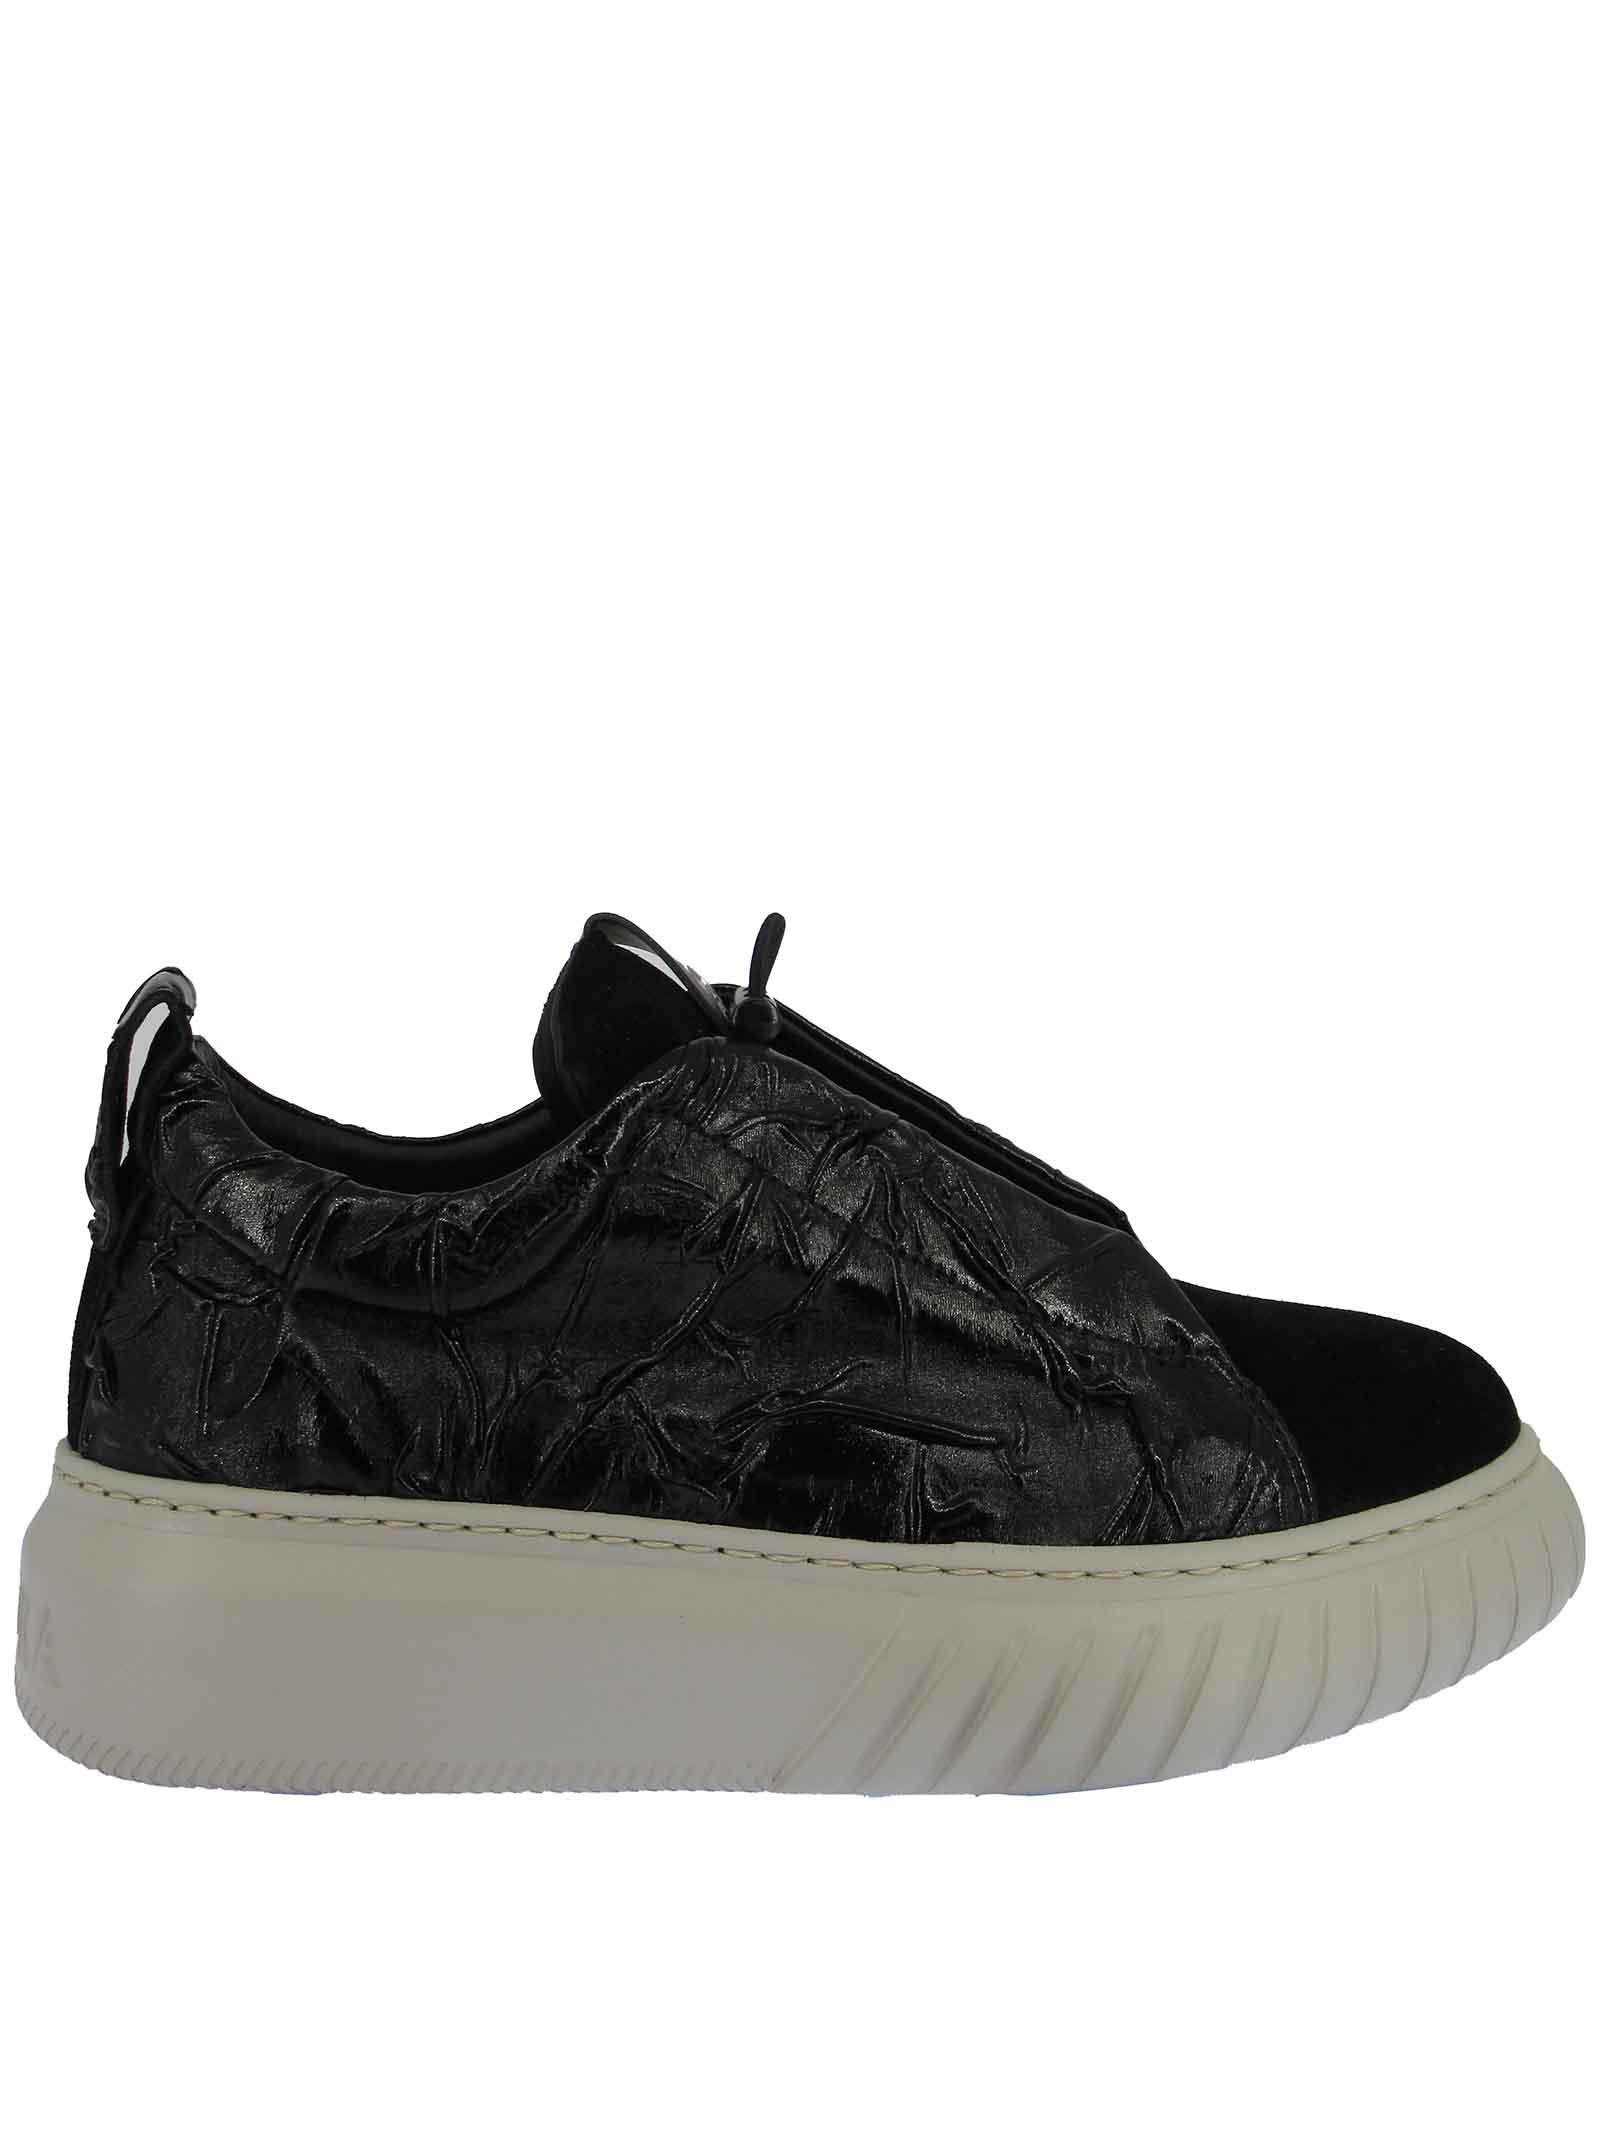 Calzature Donna Sneakers in Pelle e Camoscio Nero con Elastici in Tinta e Fondo Zeppa Bianco Ghiaccio Andiafora | Sneakers | LIBIC001